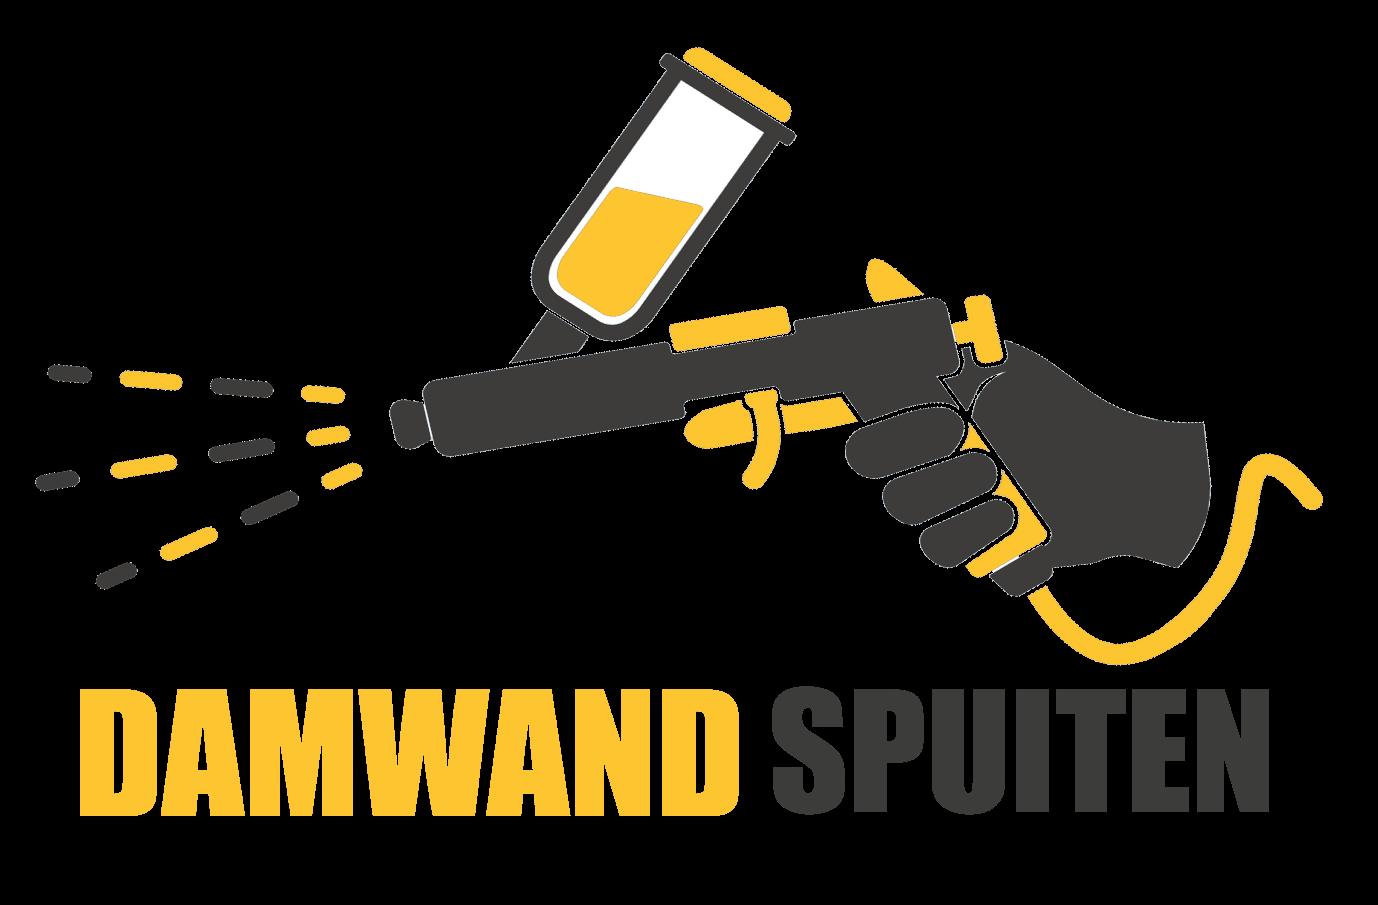 Damwand Spuiten